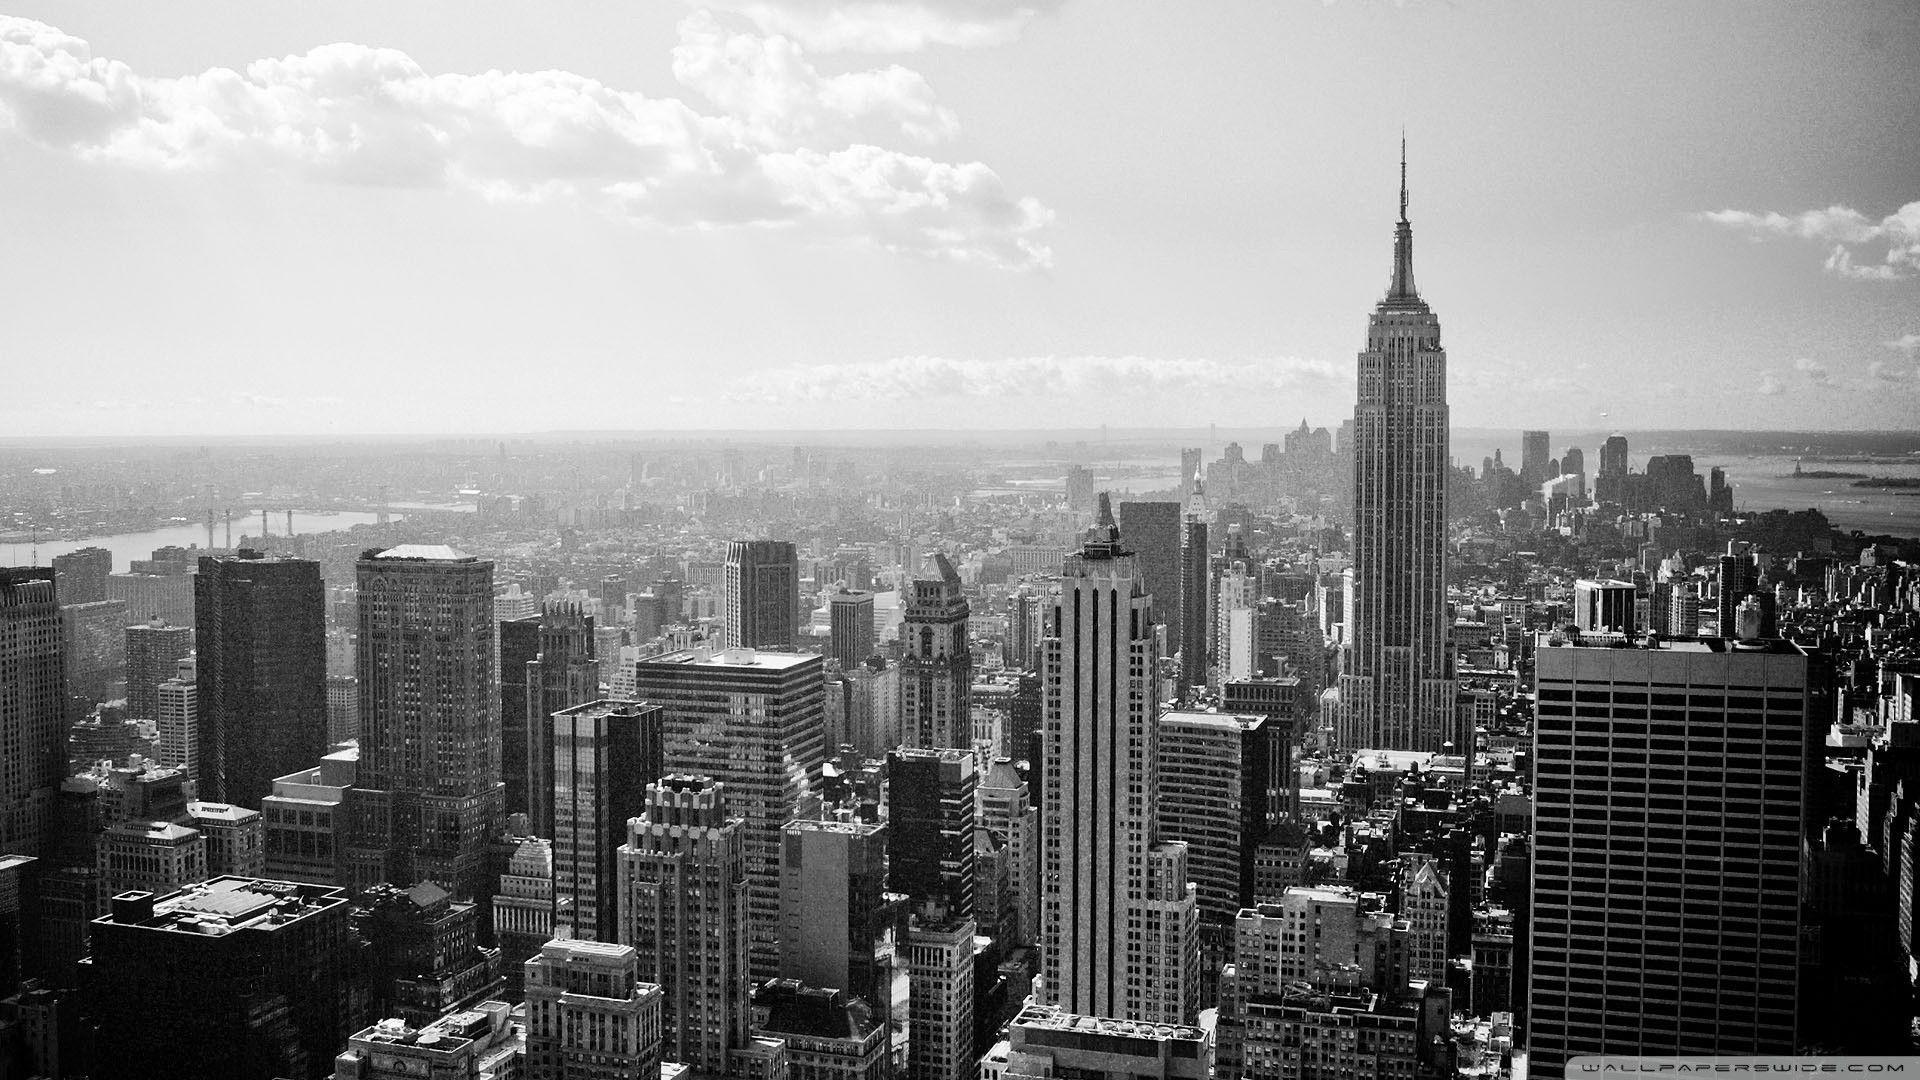 Hình nền đen trắng cho màn hình máy tính thành phố sầm uất